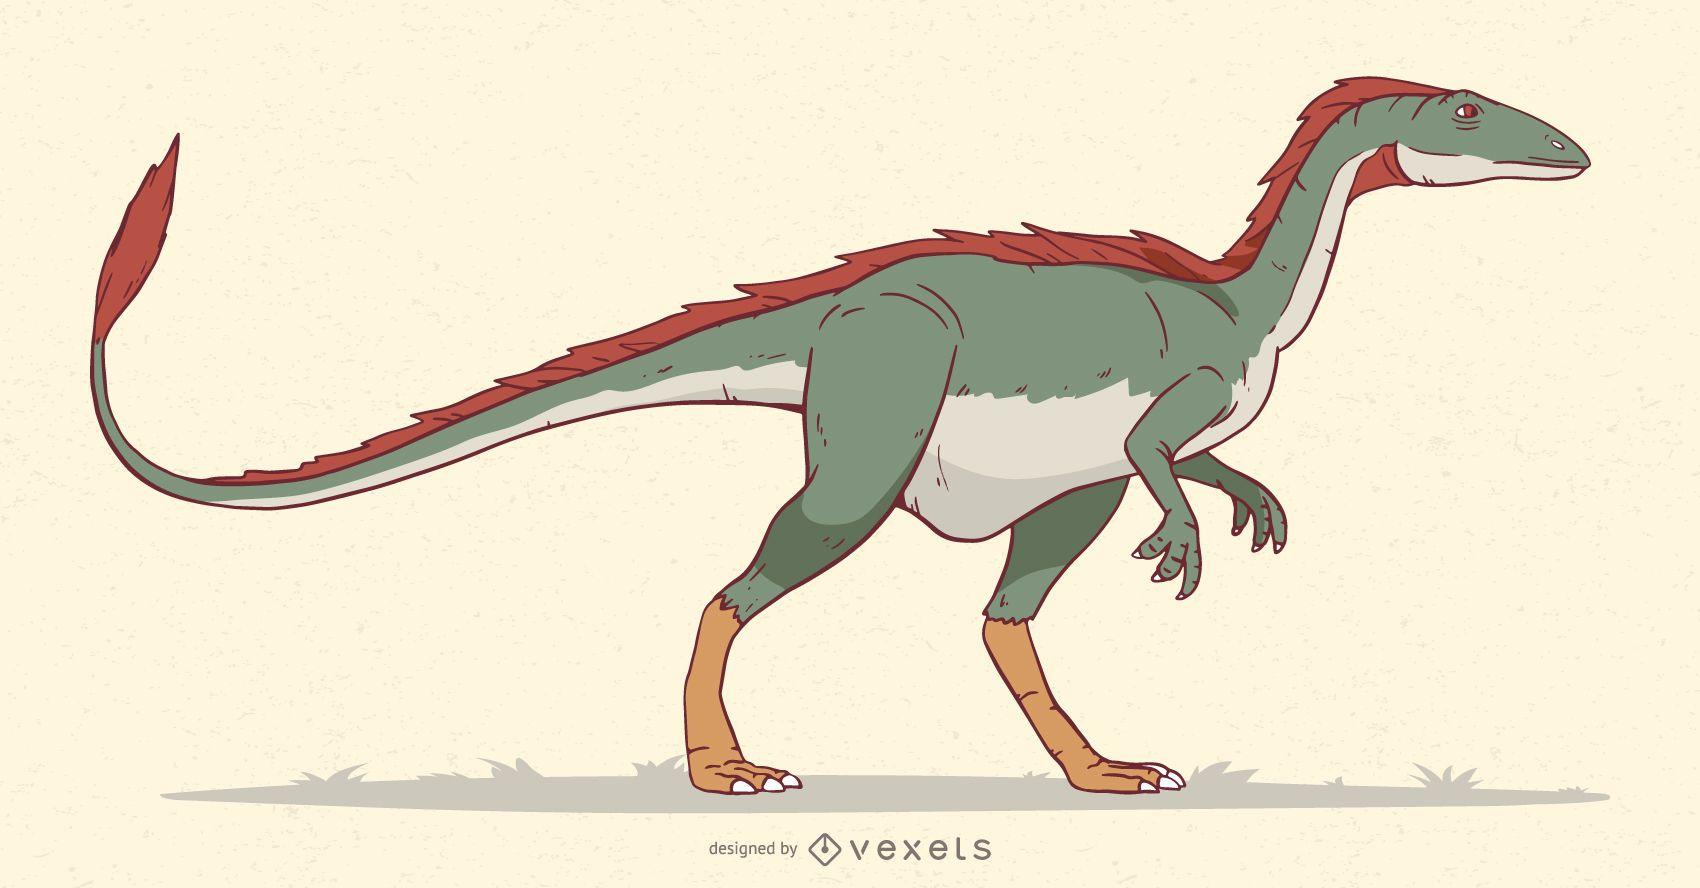 Velociraptor Dinosaur Illustration